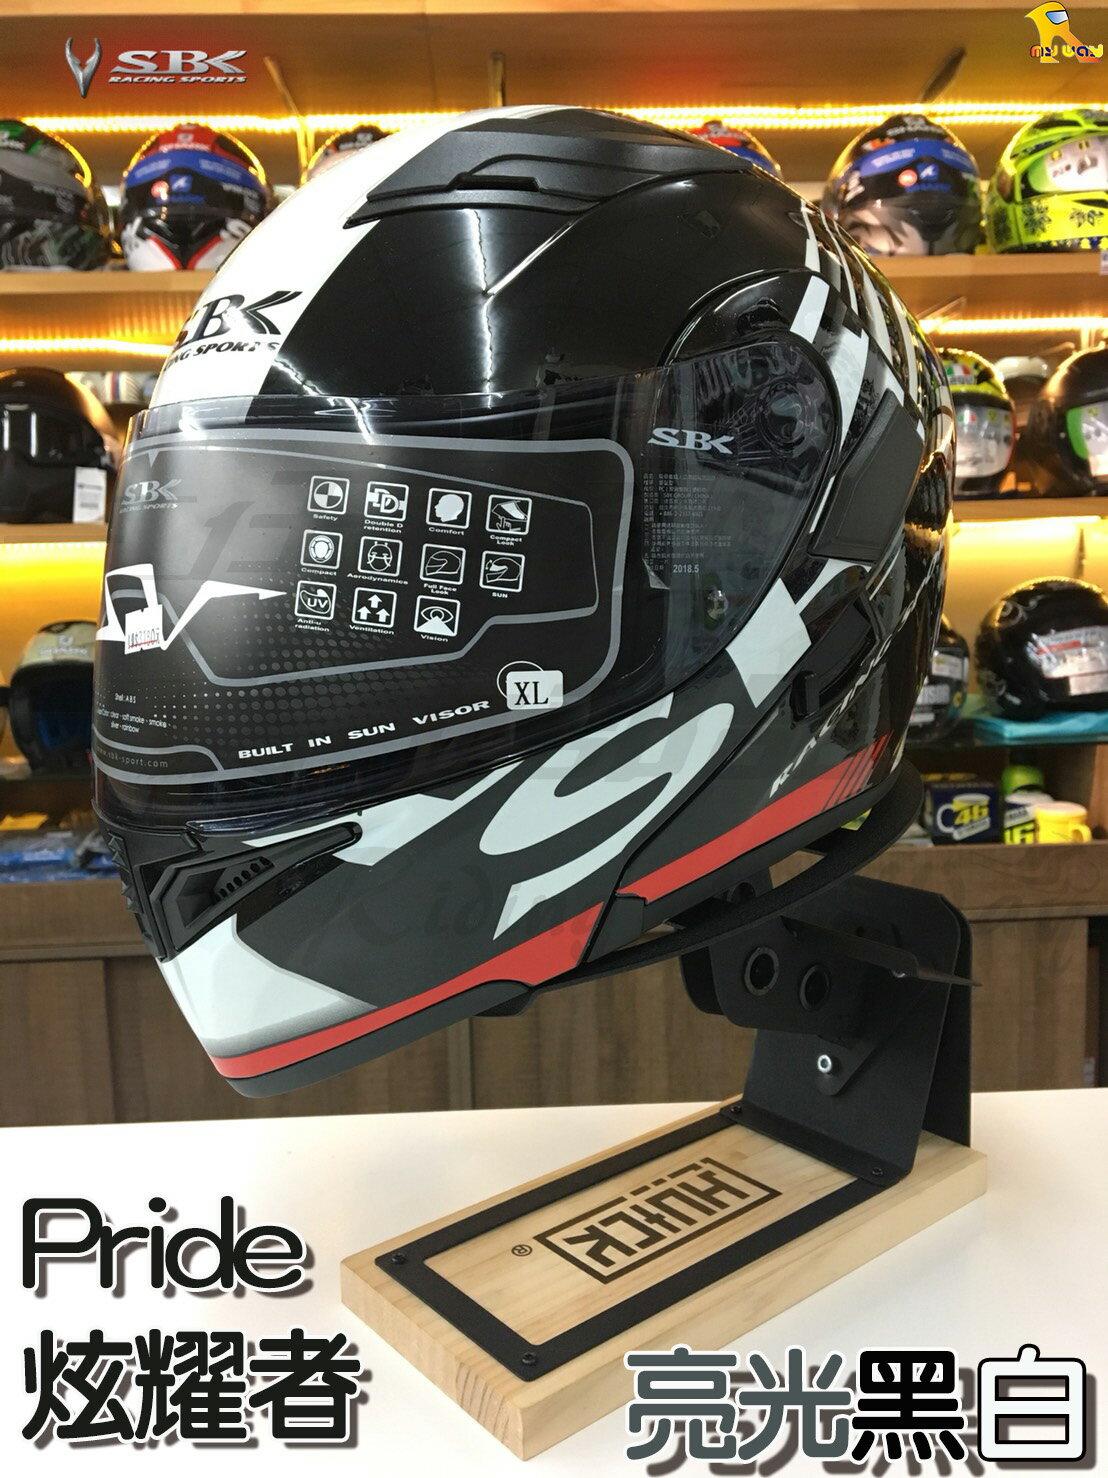 ~任我行騎士部品~SBK SV Pride 炫耀者 亮黑白 可樂帽 可掀 上掀 雙鏡片 輕量化 速百克